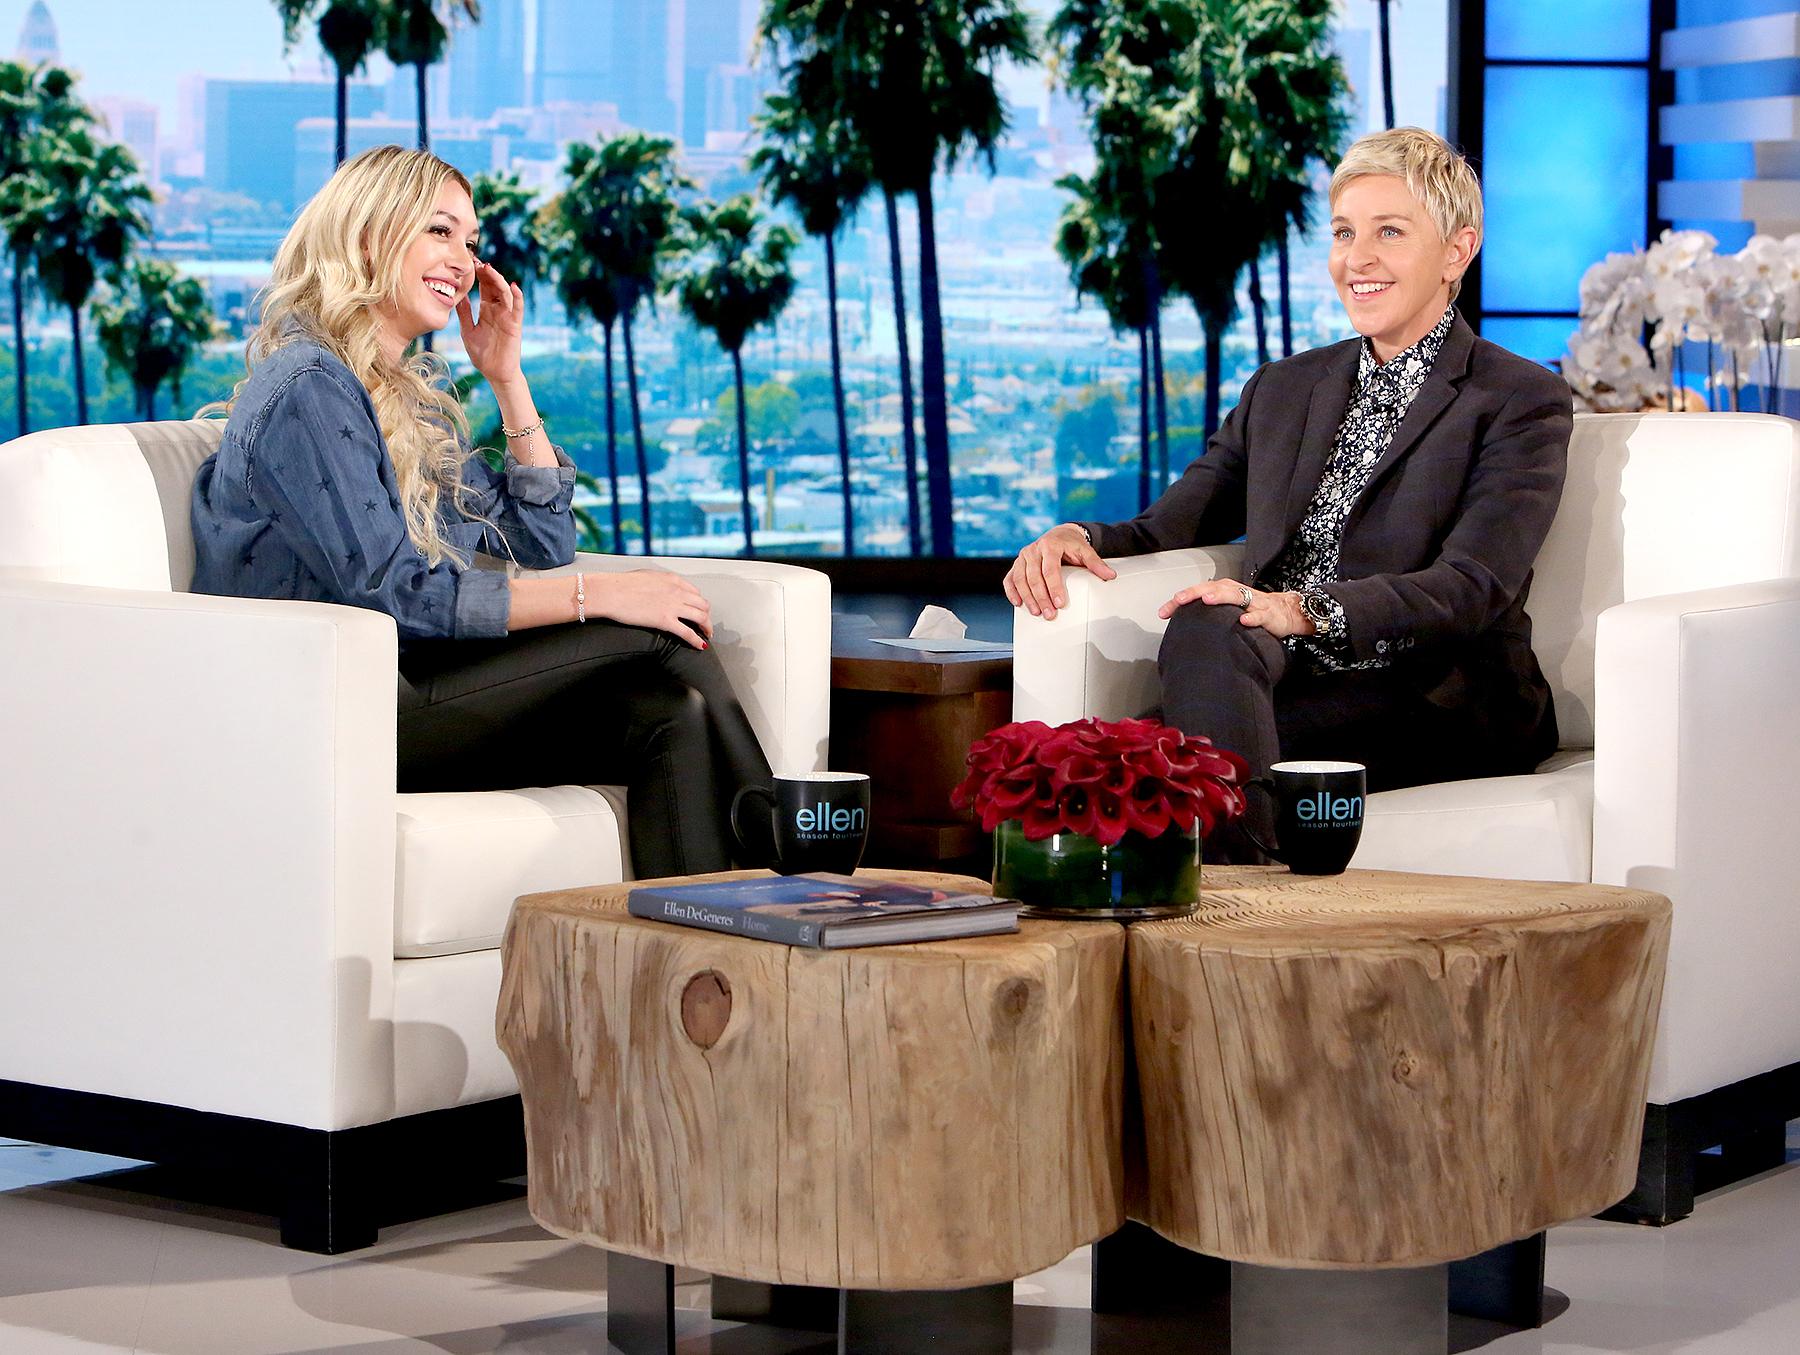 Corinne and Ellen DeGeneres